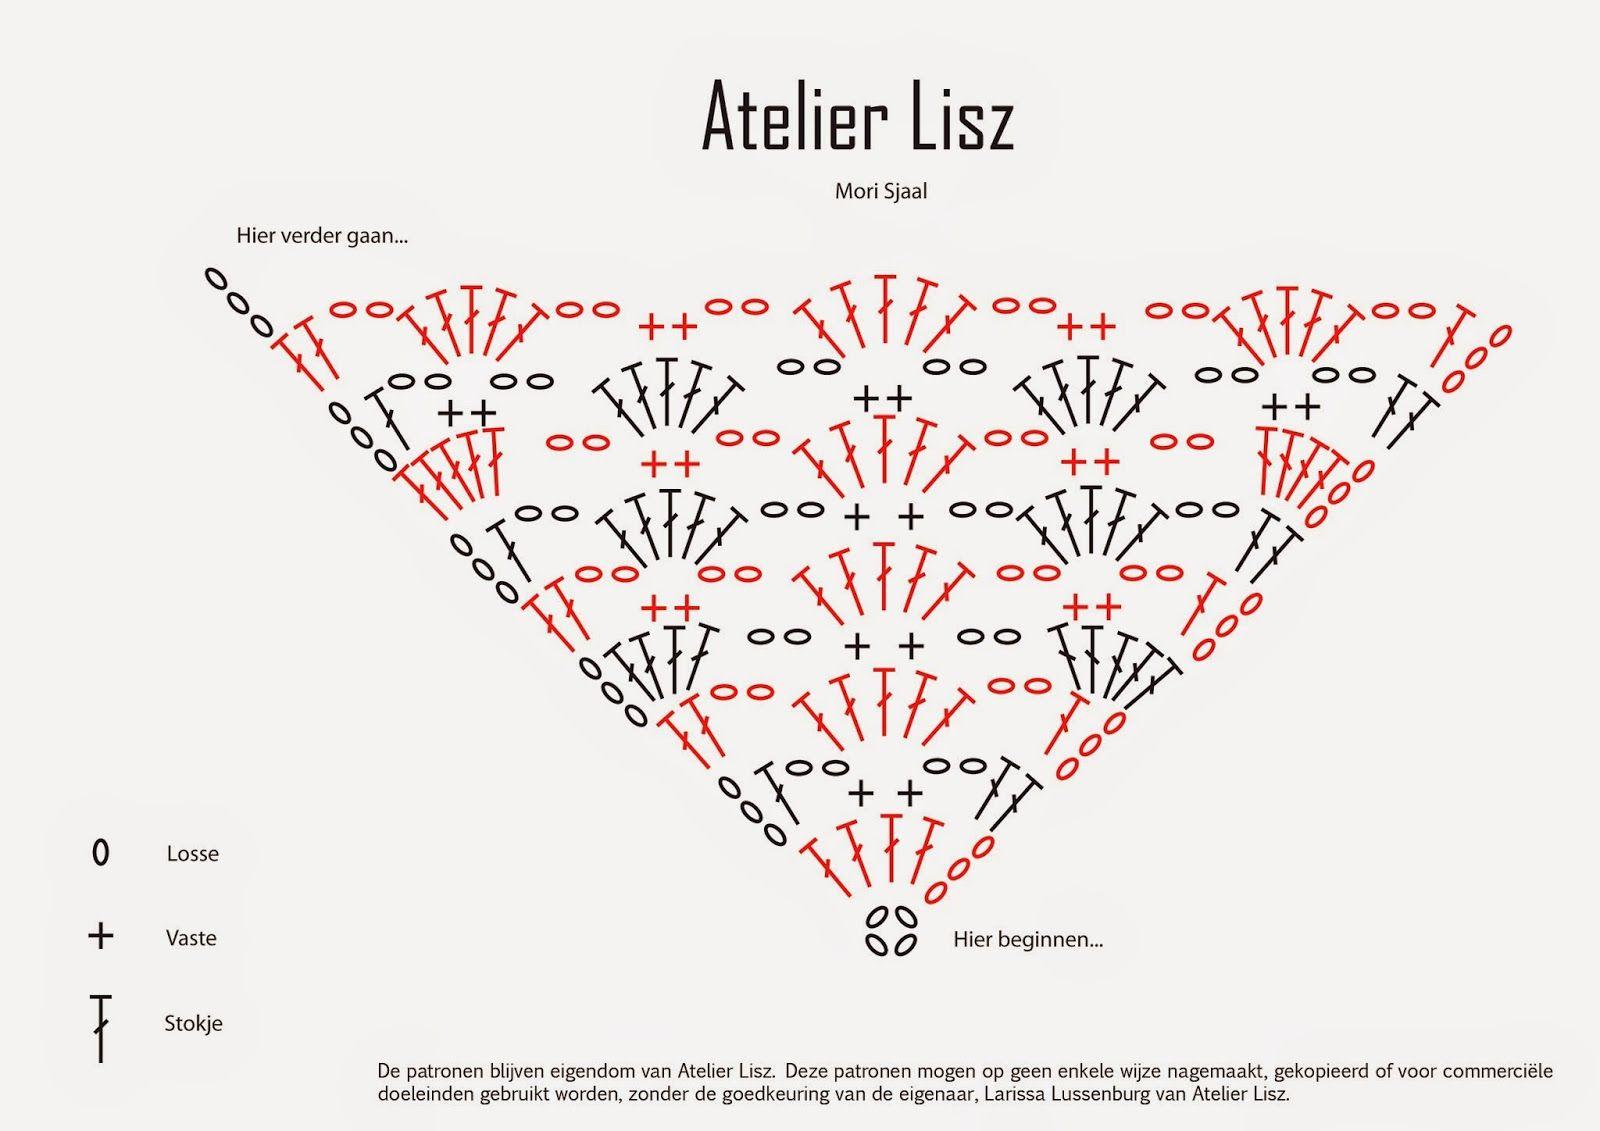 Atelier Lisz - Haken en haaknaald: De Mori Sjaal - Gratis ...